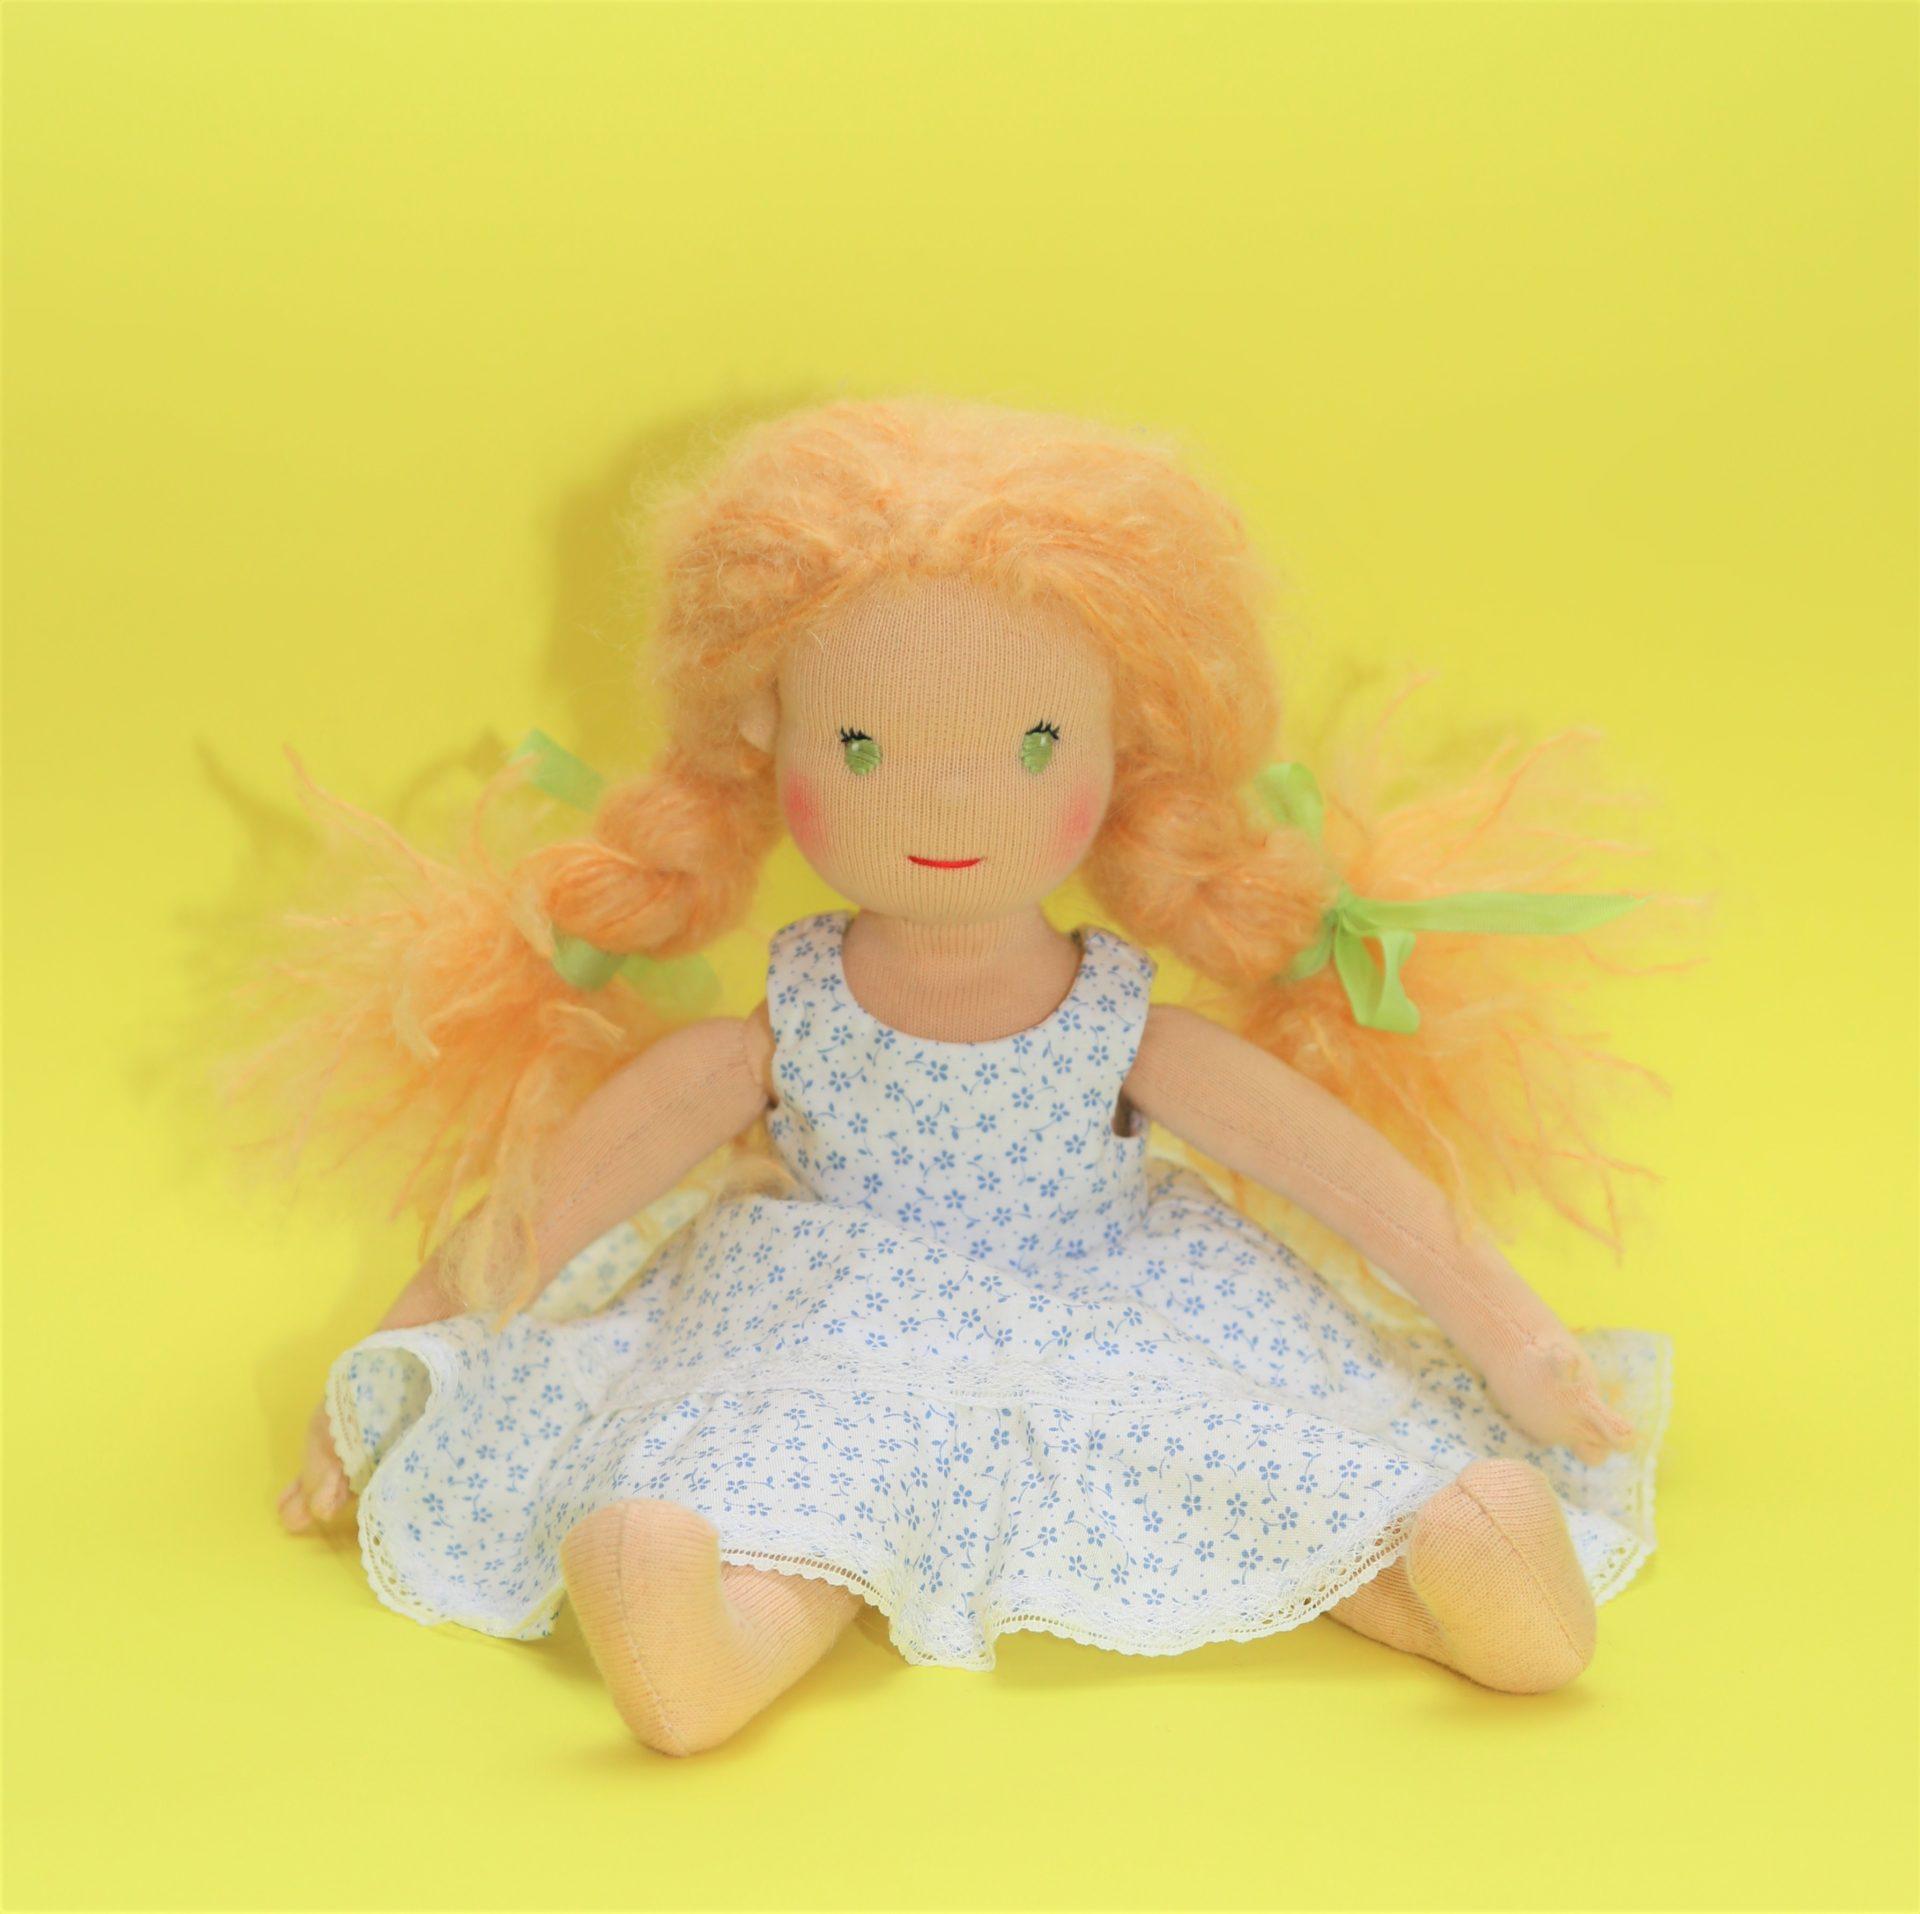 Panenka dívenka v romantických šatičkách, ekopanenky